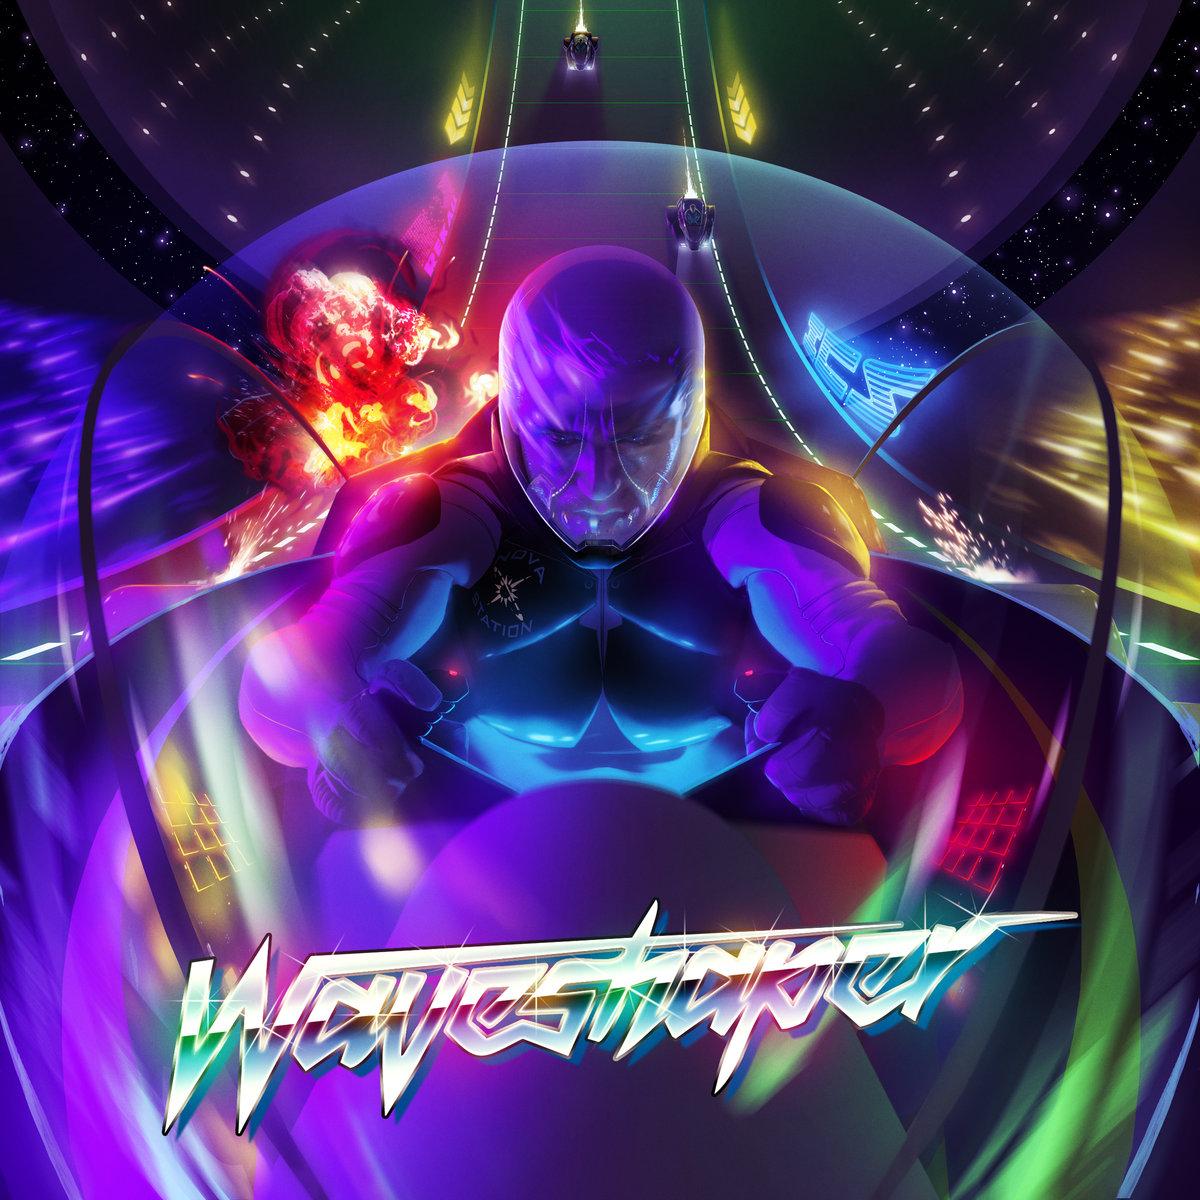 Waveshaper+ +Velocity+%28Album+Cover%29 - Waveshaper - Velocity